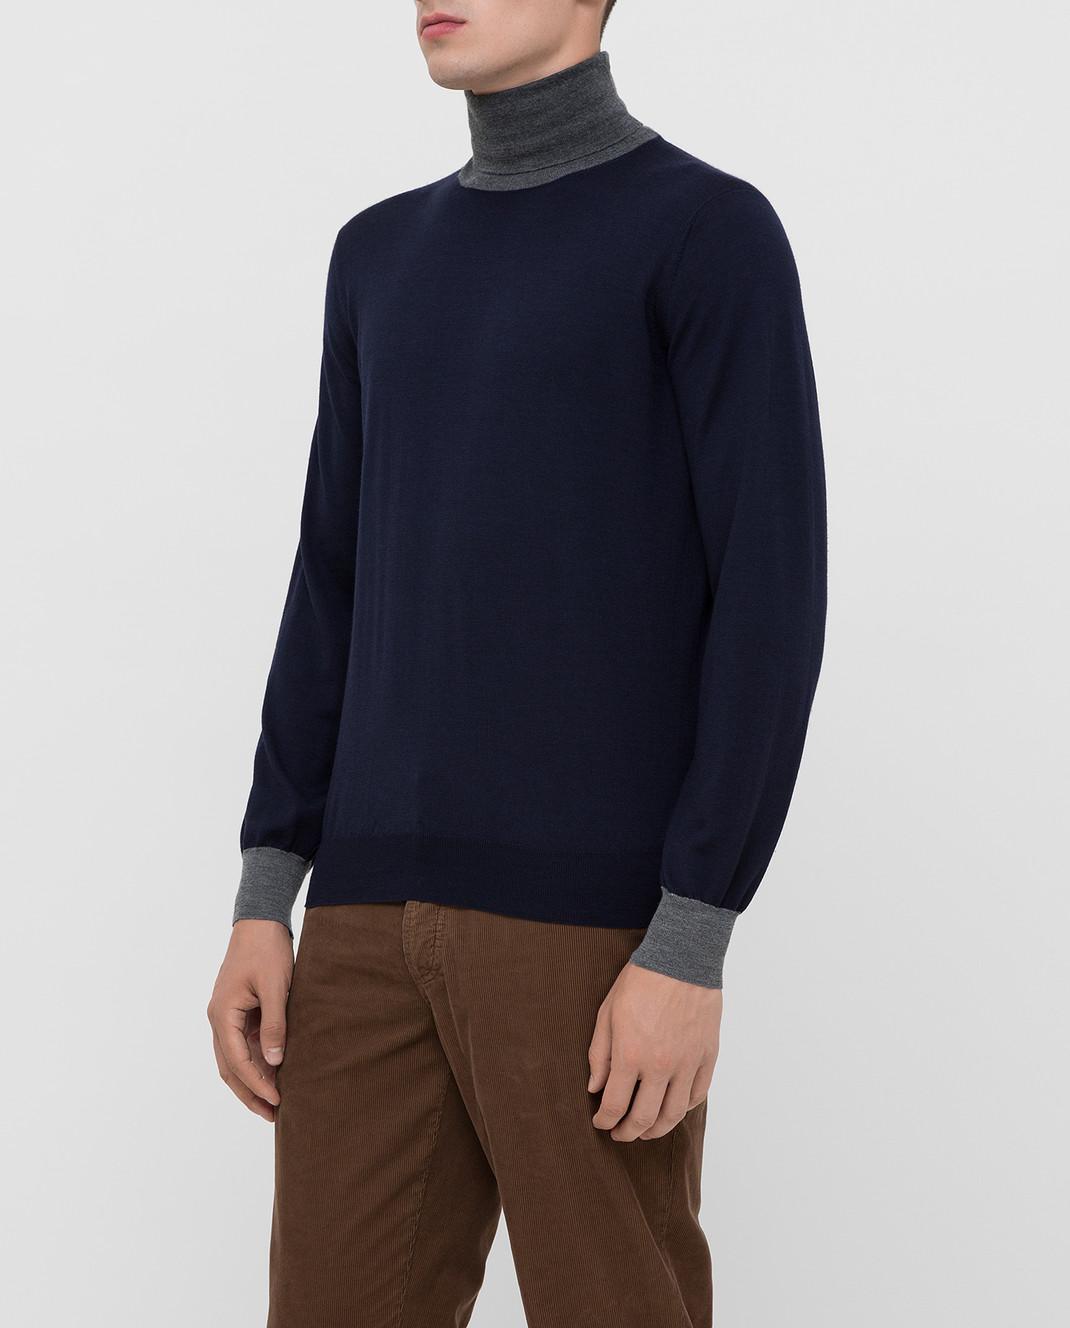 Brunello Cucinelli Темно-синий гольф из шерсти и кашемира M24801403 изображение 3